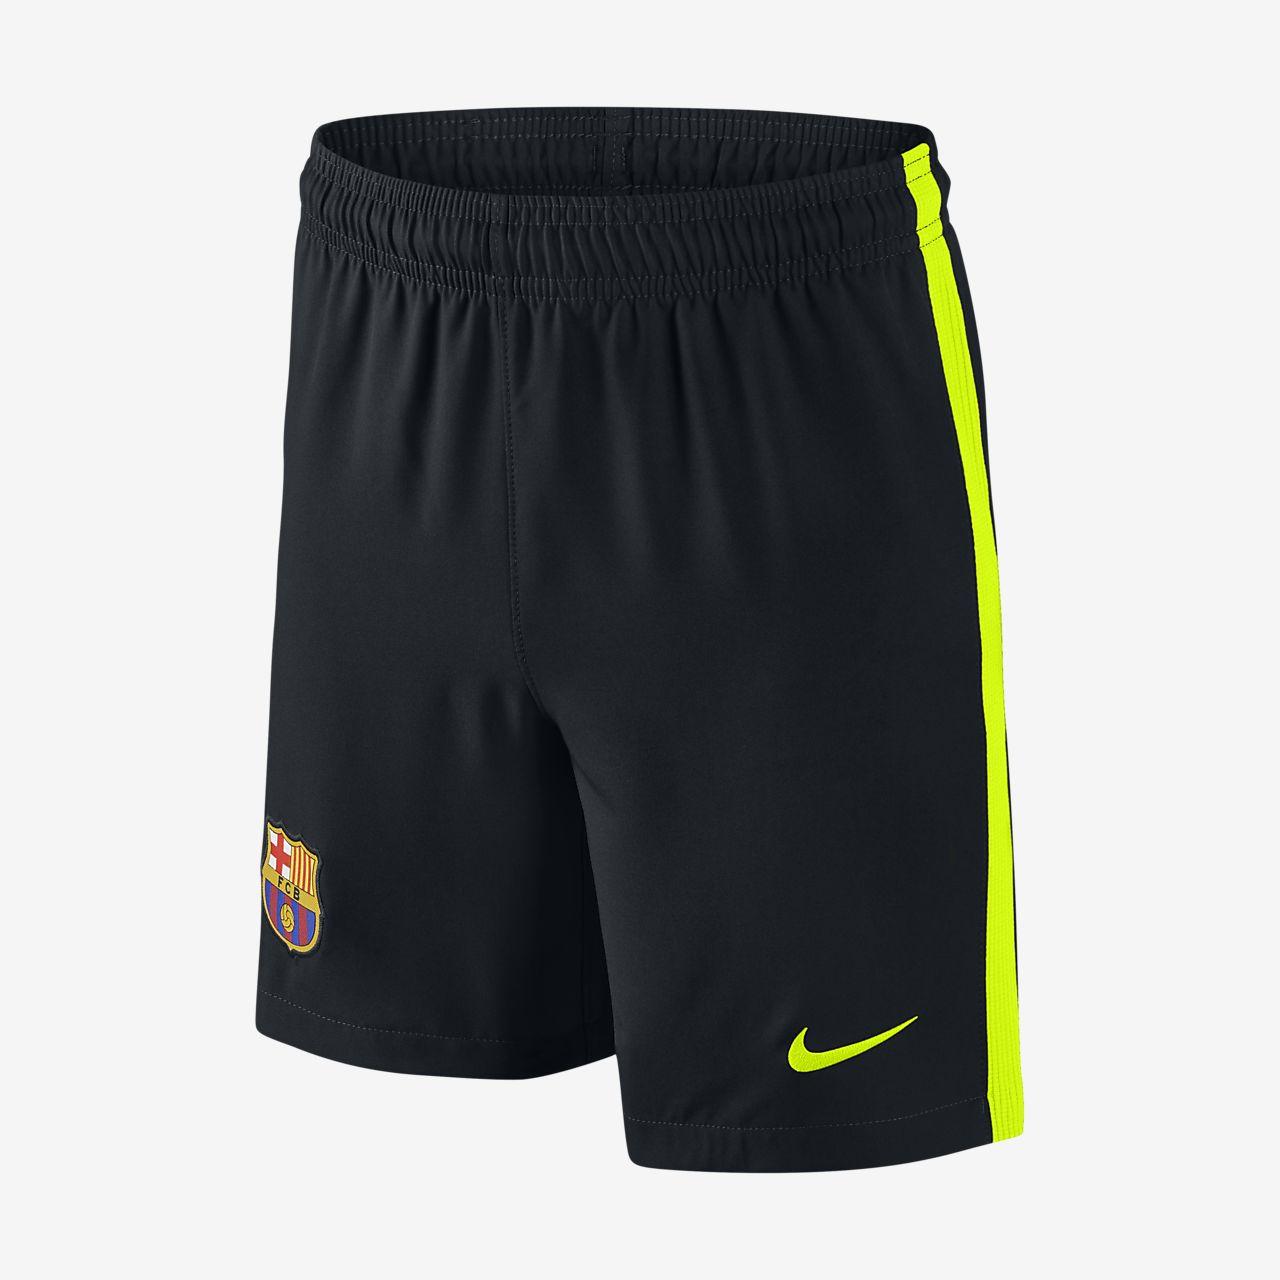 2016/17 FC Barcelona Stadium Home/Away/Third/Goalkeeper Pantalón corto de fútbol - Niño/a